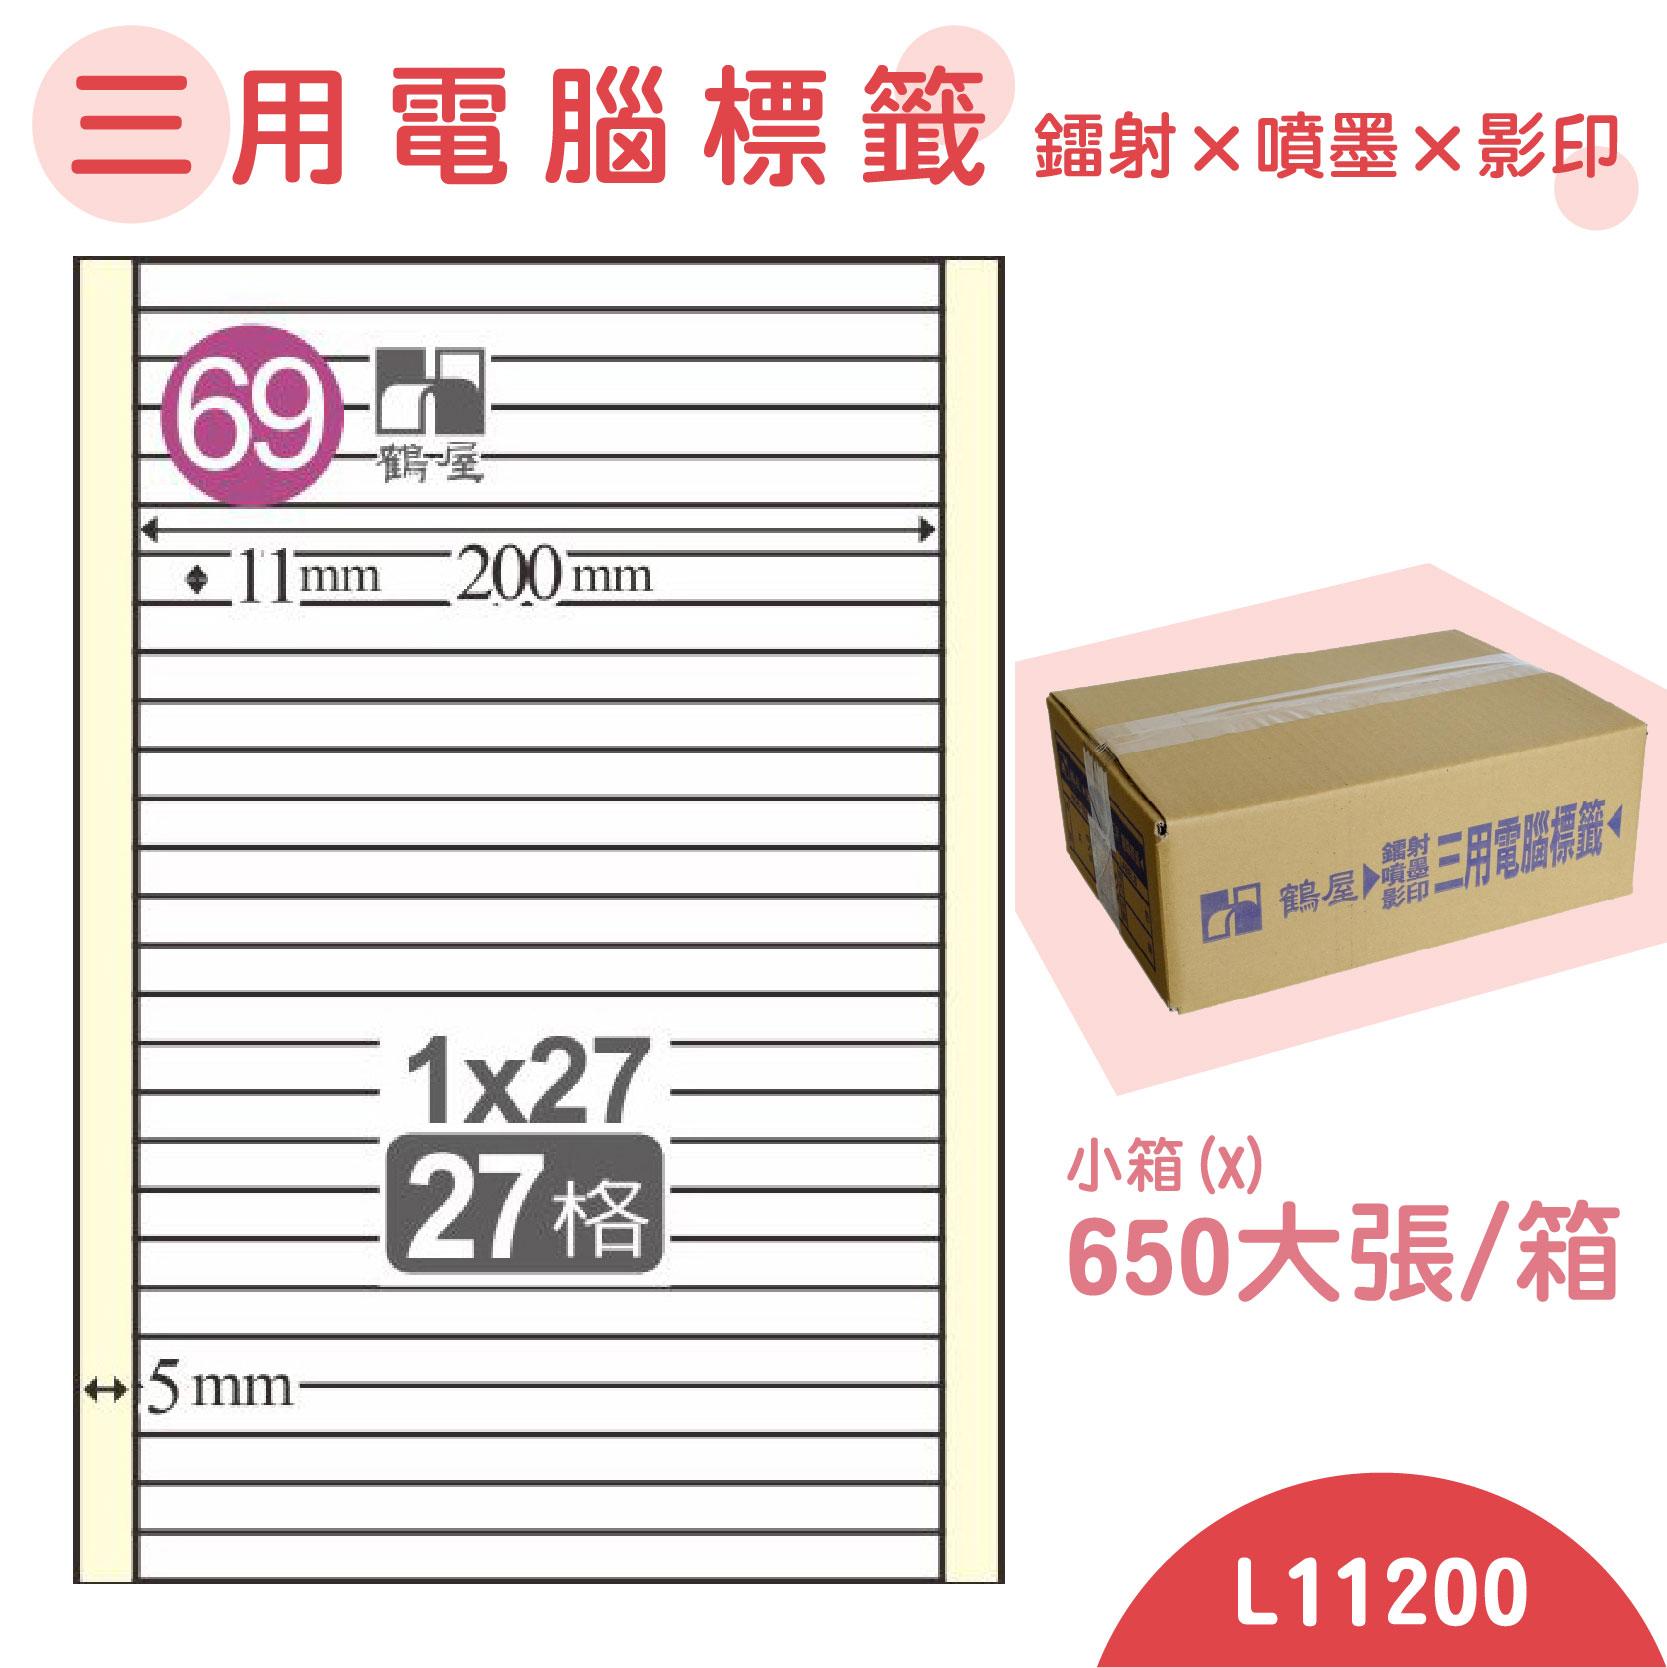 電腦標籤紙(鶴屋) 白色 L11200 27格 650大張/小箱 影印 雷射 噴墨 三用 標籤 貼紙 信封 光碟標籤